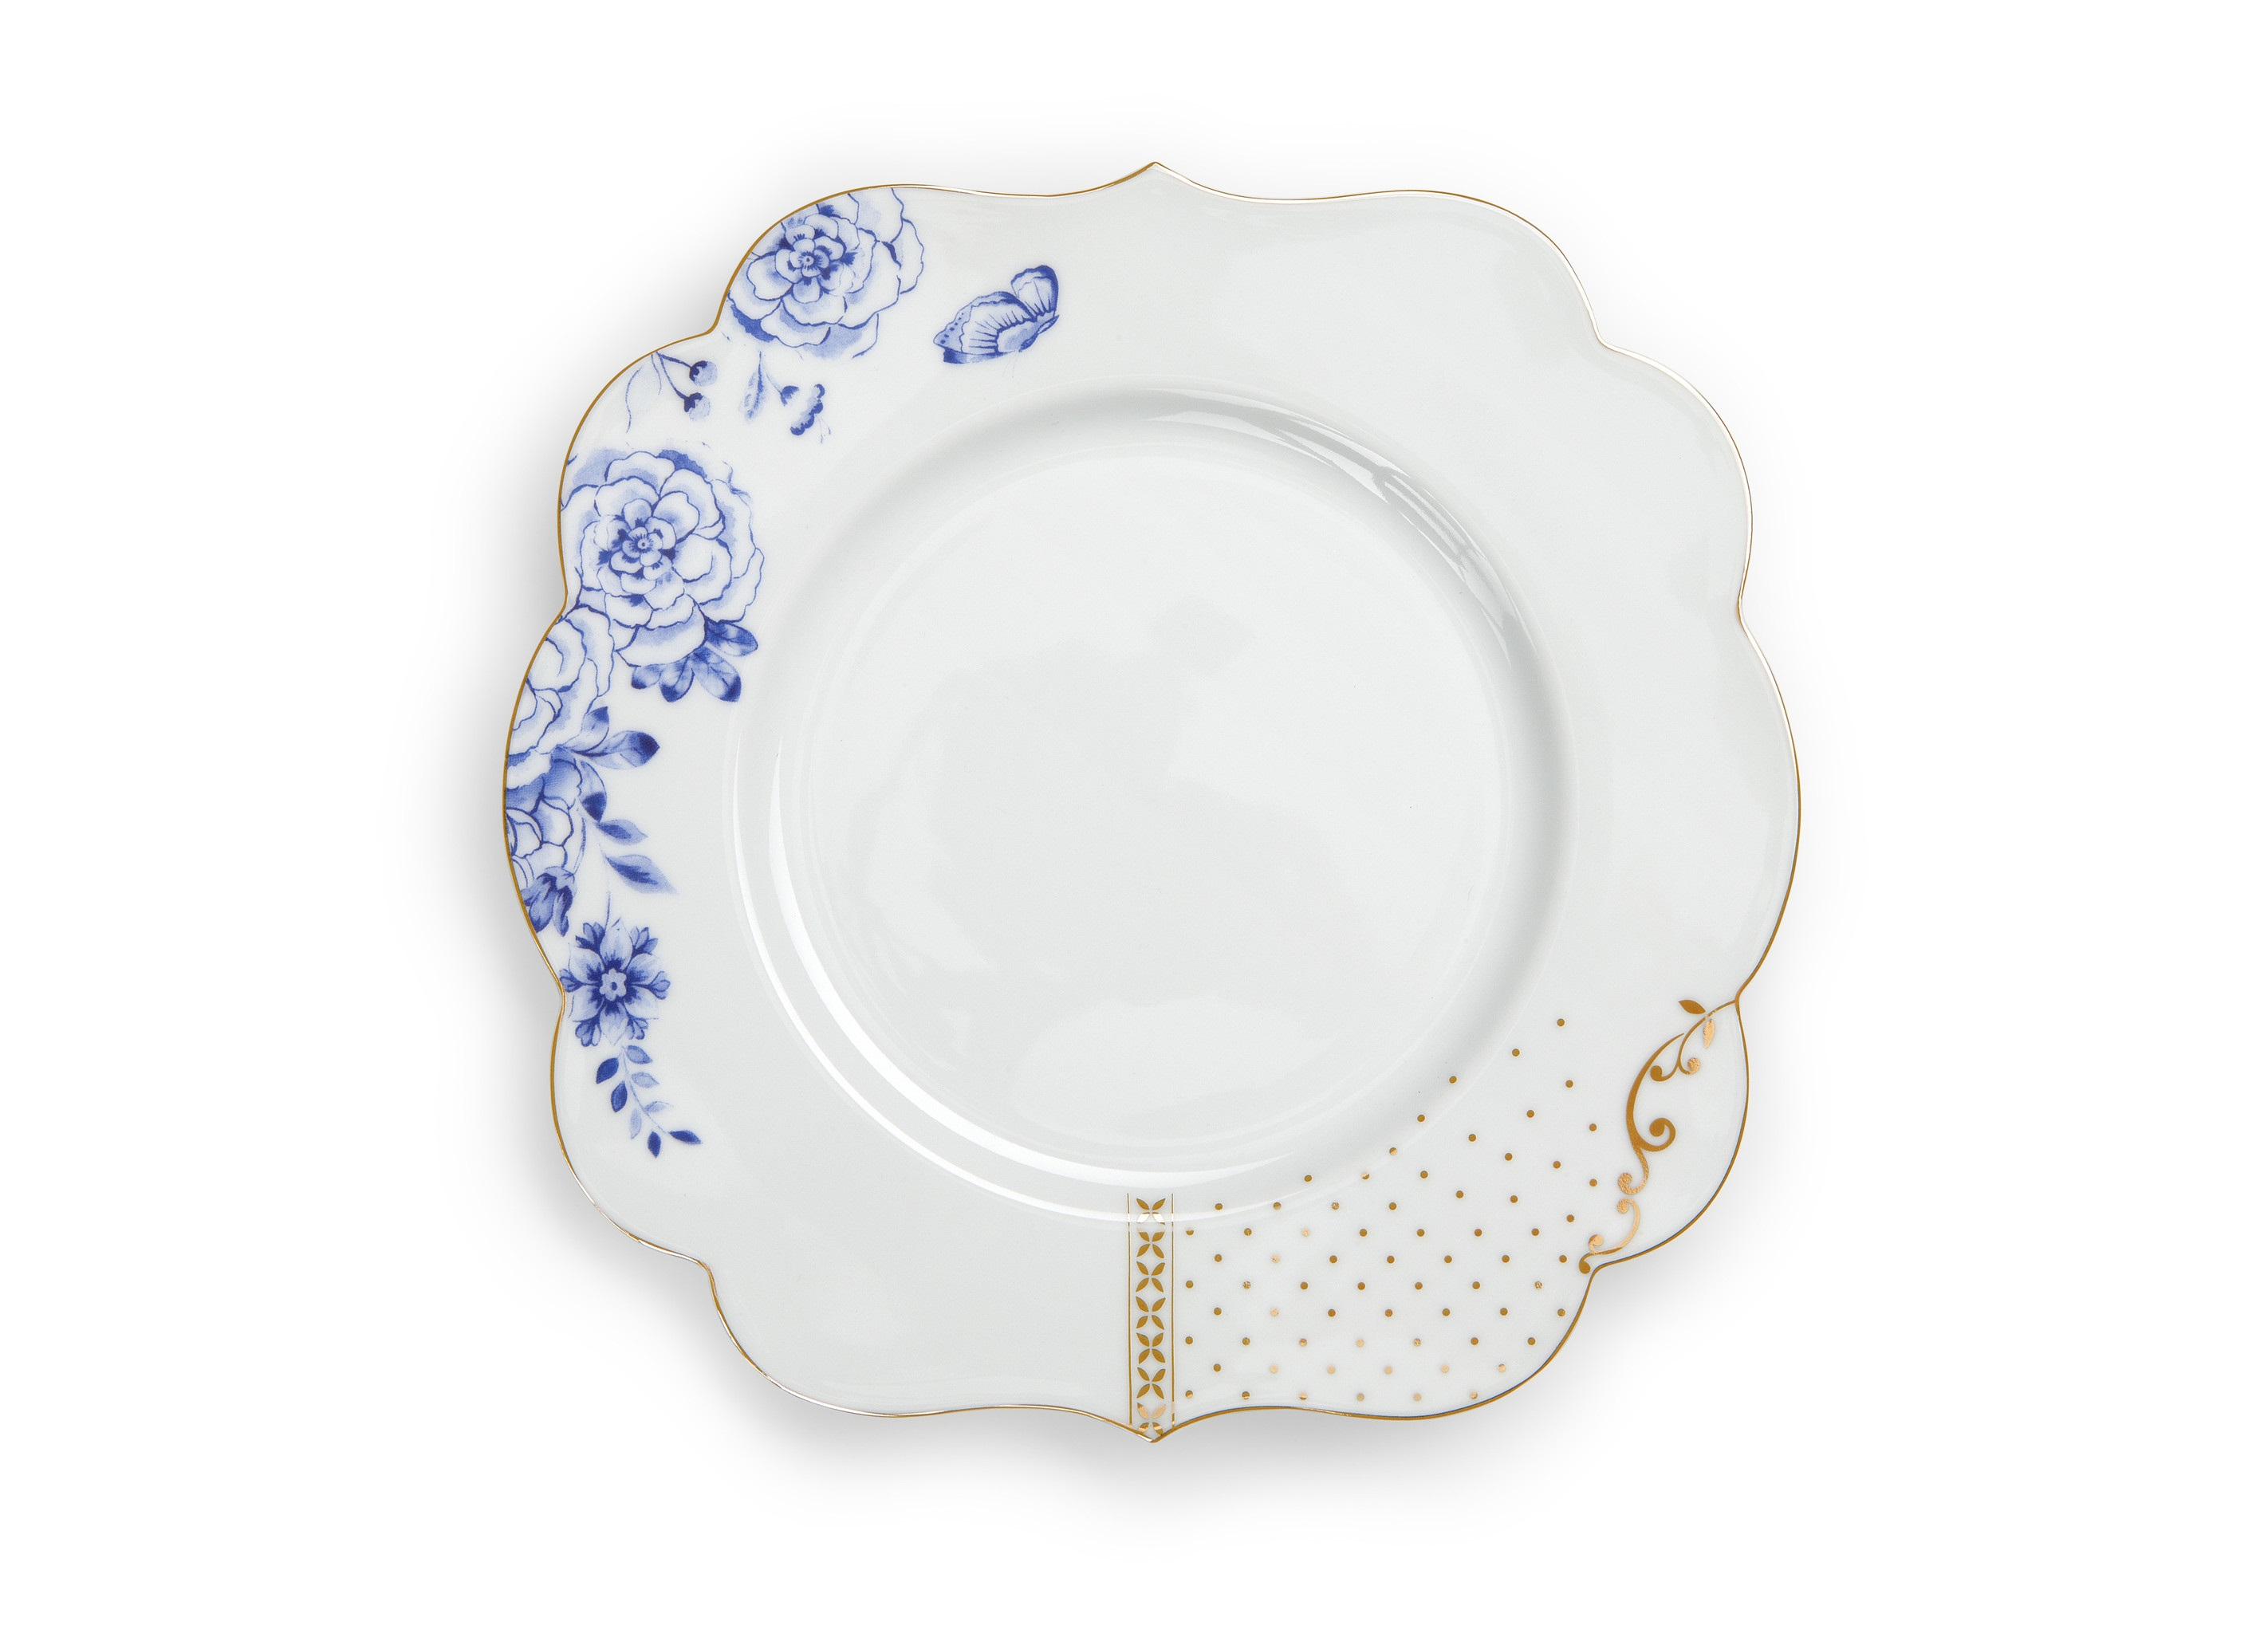 Набор тарелок Royal White (2шт)Тарелки<br>Не использовать в микроволновой печи. Не рекомендуется мыть в посудомоечной машине. Коллекция Royal White появилась в 2015 году. Изготовленная из такого же изысканного фарфора, коллекция Royal White представляет собой более спокойную версию коллекции Royal. Декор состоит из нежных синих и золотых цветочных орнаментов в сочетании с золотыми графическими элементами на белом фоне, каждый из которых можно также увидеть на предметах коллекции Royal. Таким образом, коллекции Royal и Royal White идеально дополняют друг друга. Коллекция Royal White также включает в себя изысканные бокалы.<br><br>Material: Фарфор<br>Высота см: 2